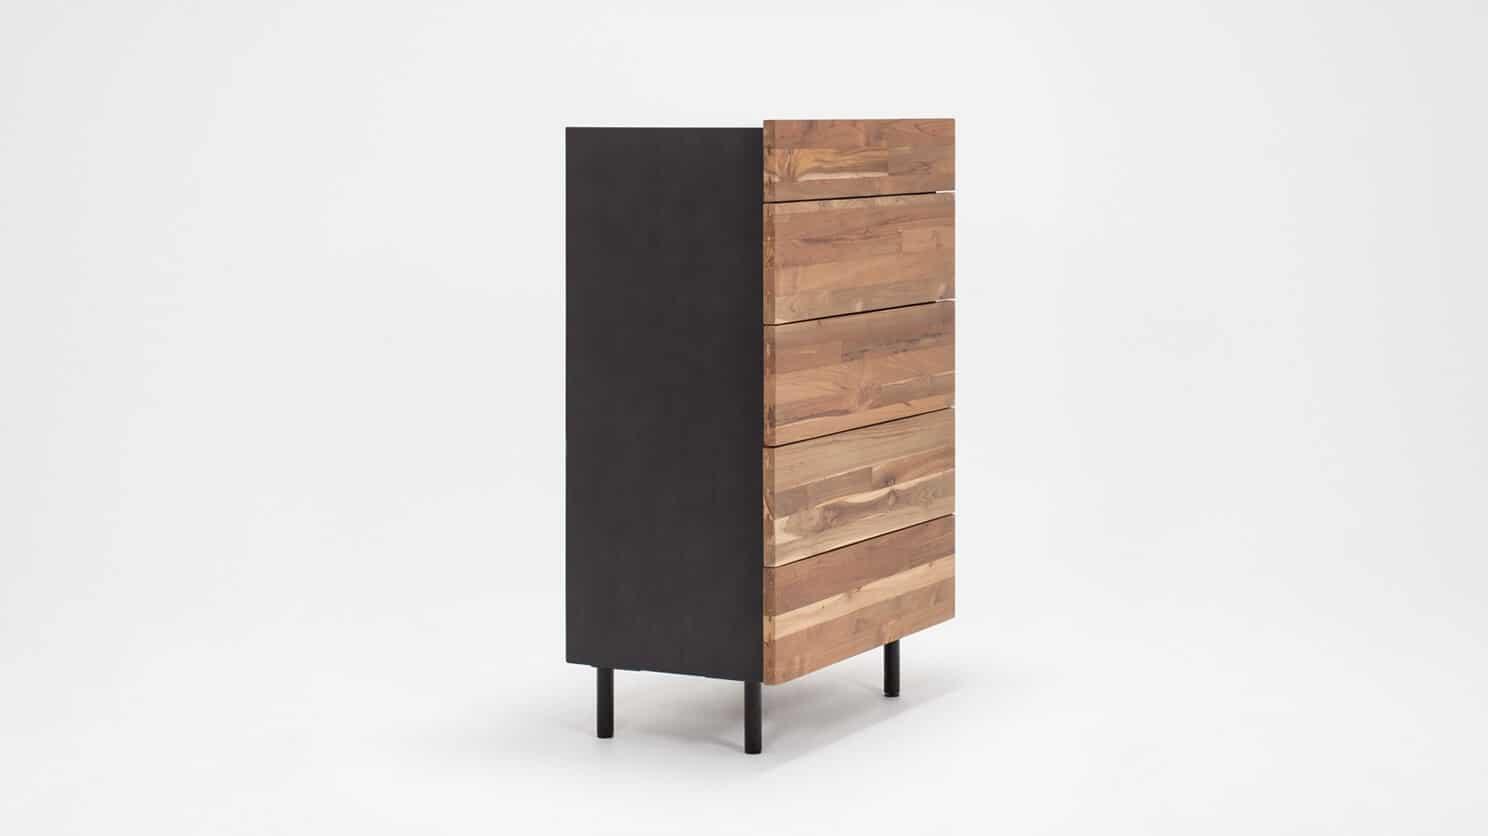 7040 437 par 6 chests reclaimed teak chest charcoal corner 01